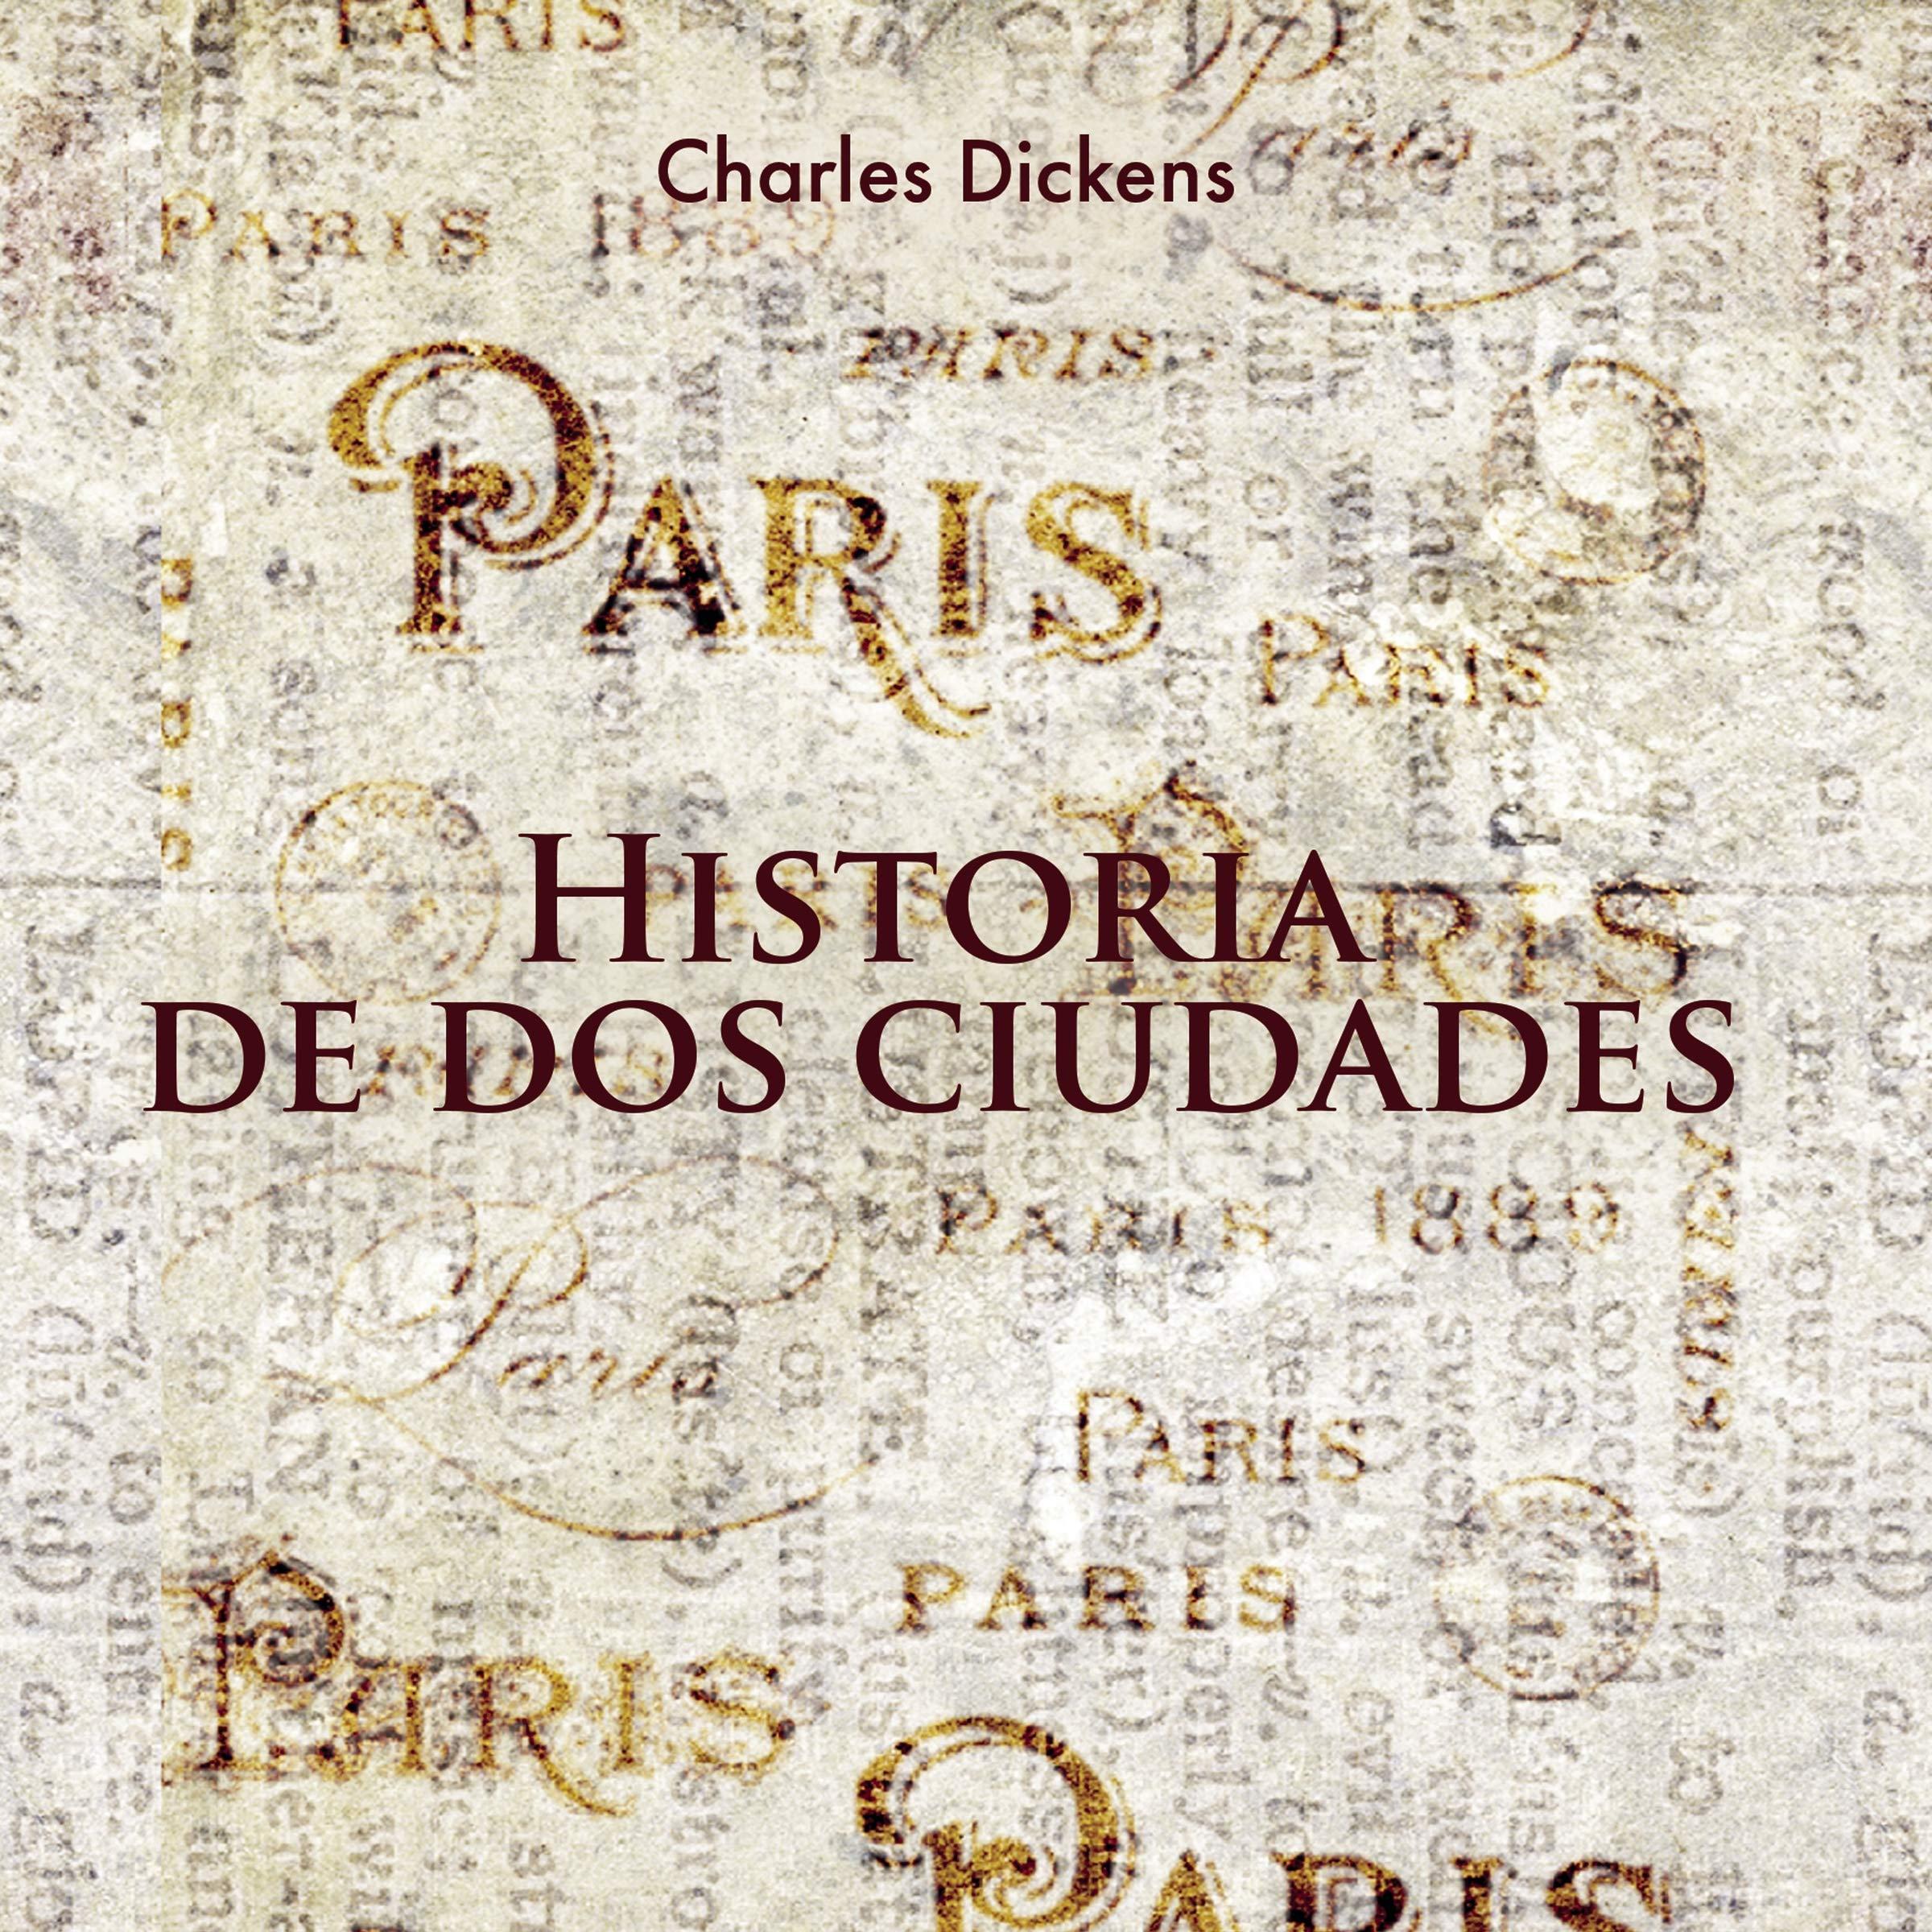 Historia de dos ciudades (Spanish Edition): Charles Dickens: 9781982649746: Amazon.com: Books